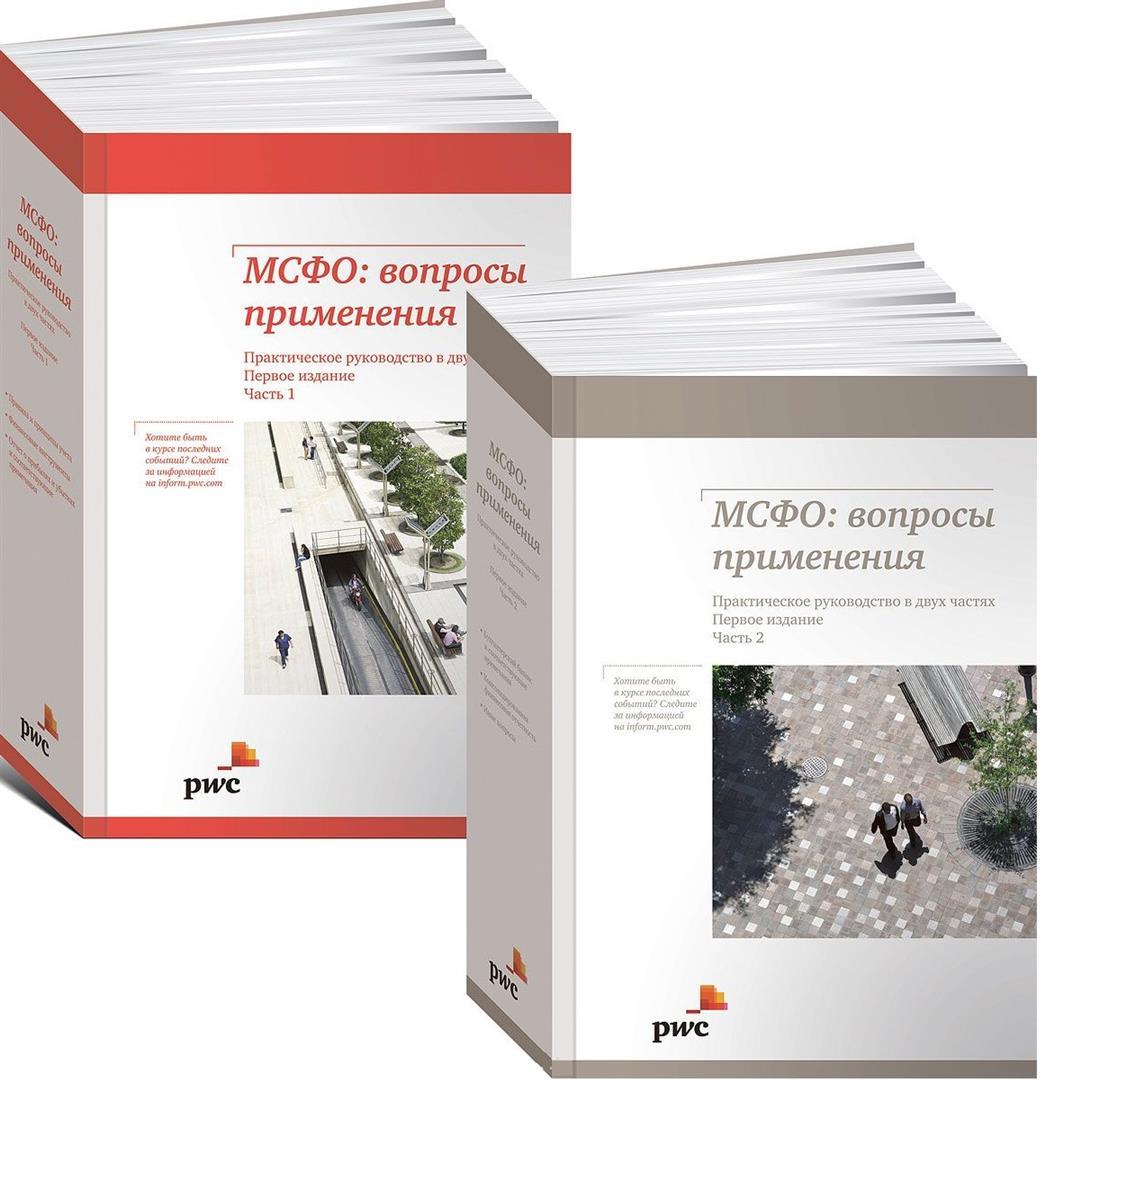 МСФО: вопросы применения. Практическое руководство в двух частях (комплект из 2 книг)